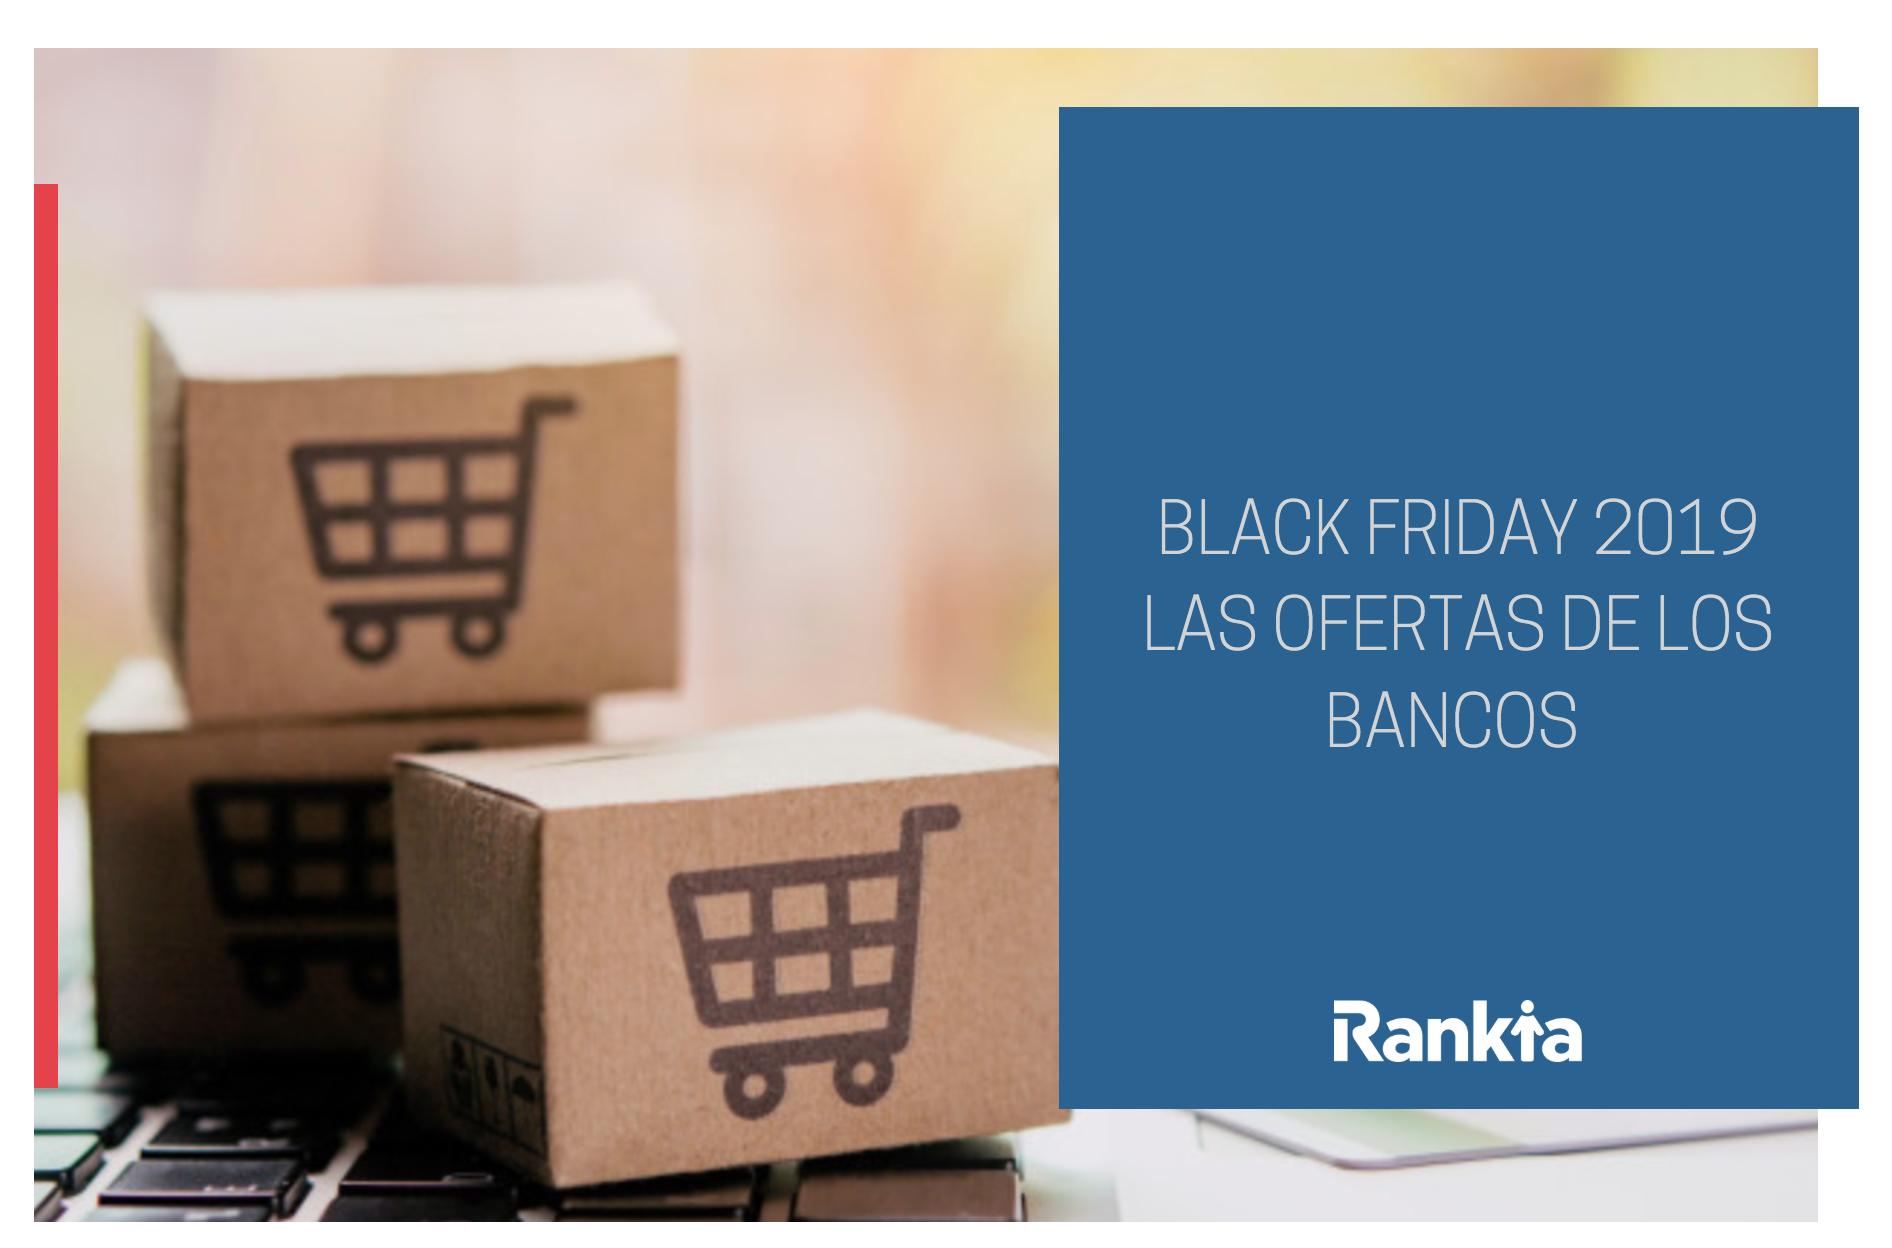 Black Friday de los bancos